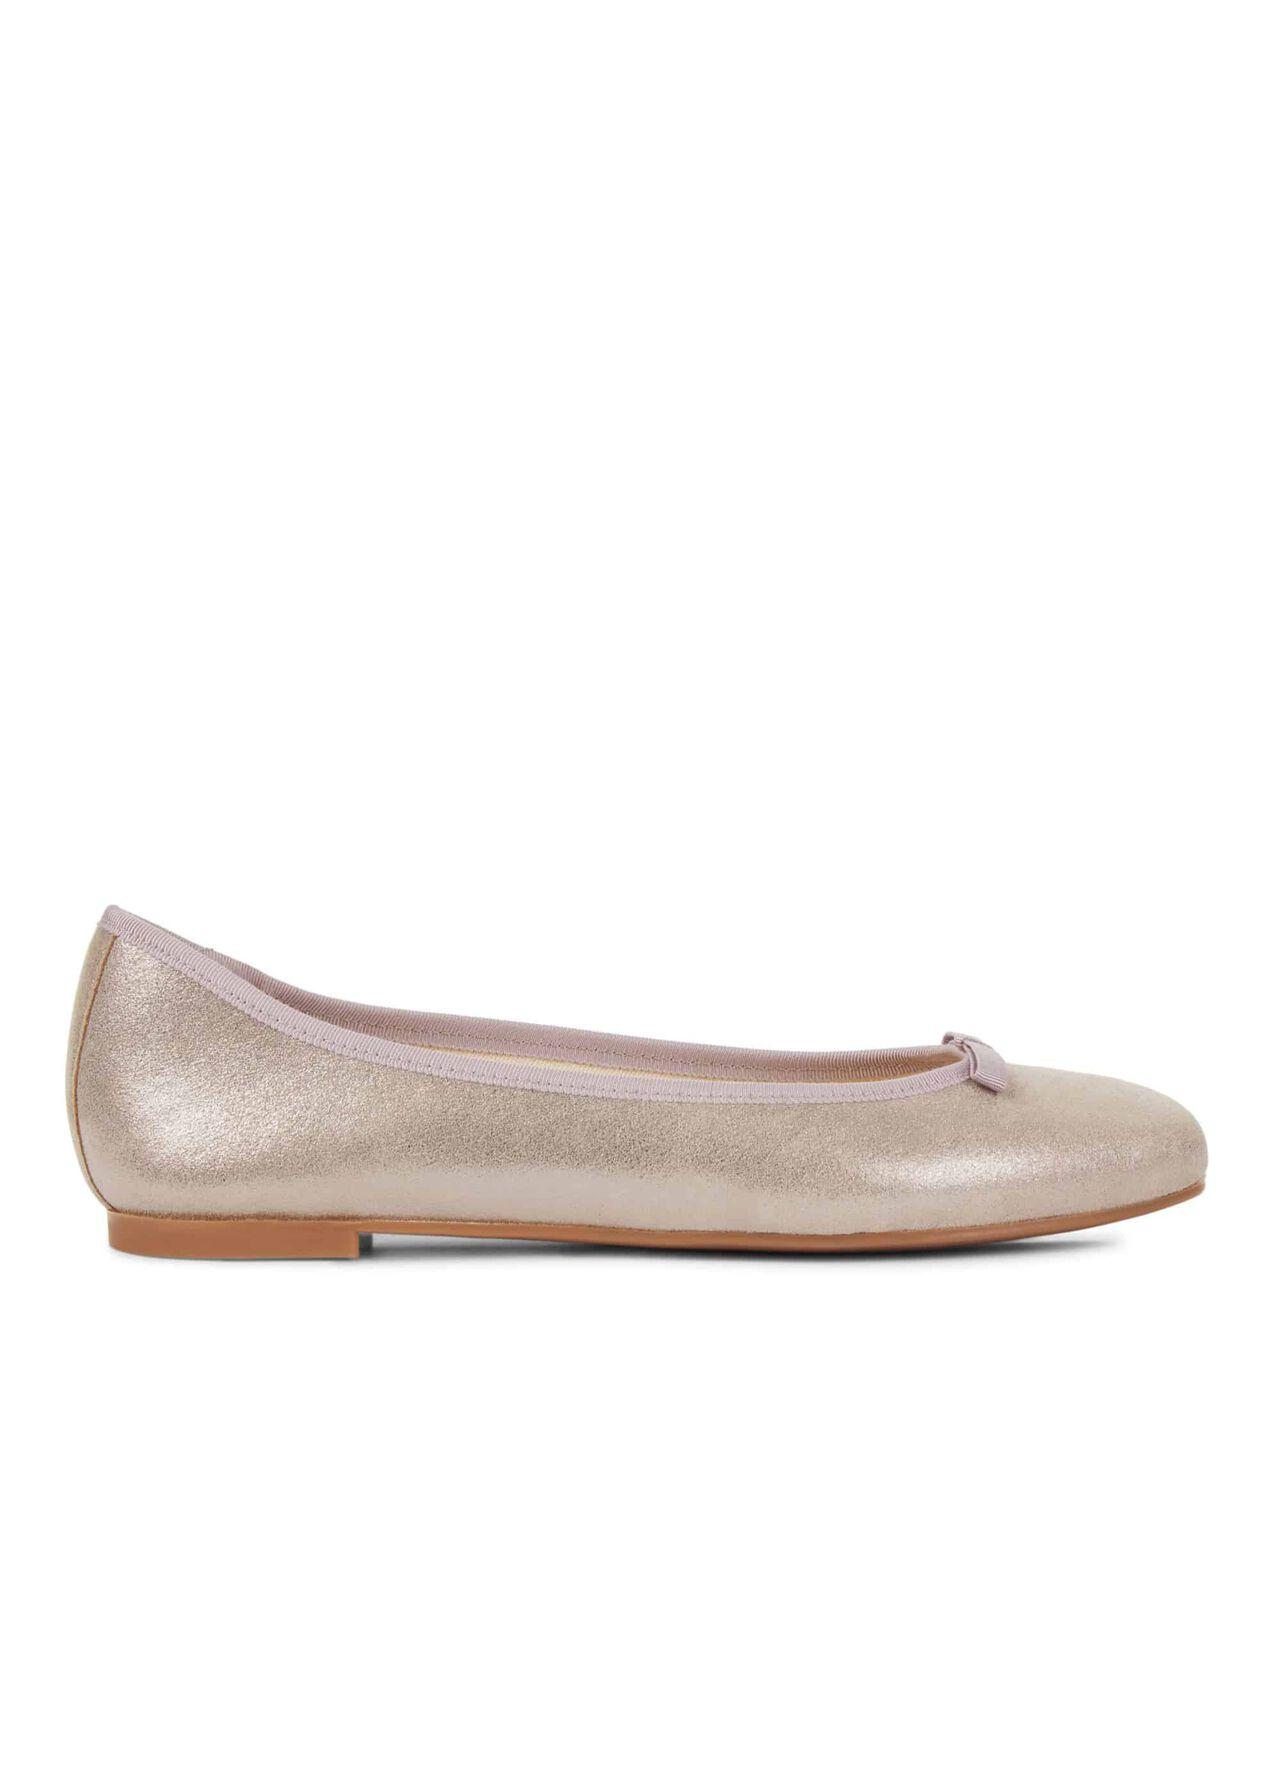 Flo Ballerina Silver